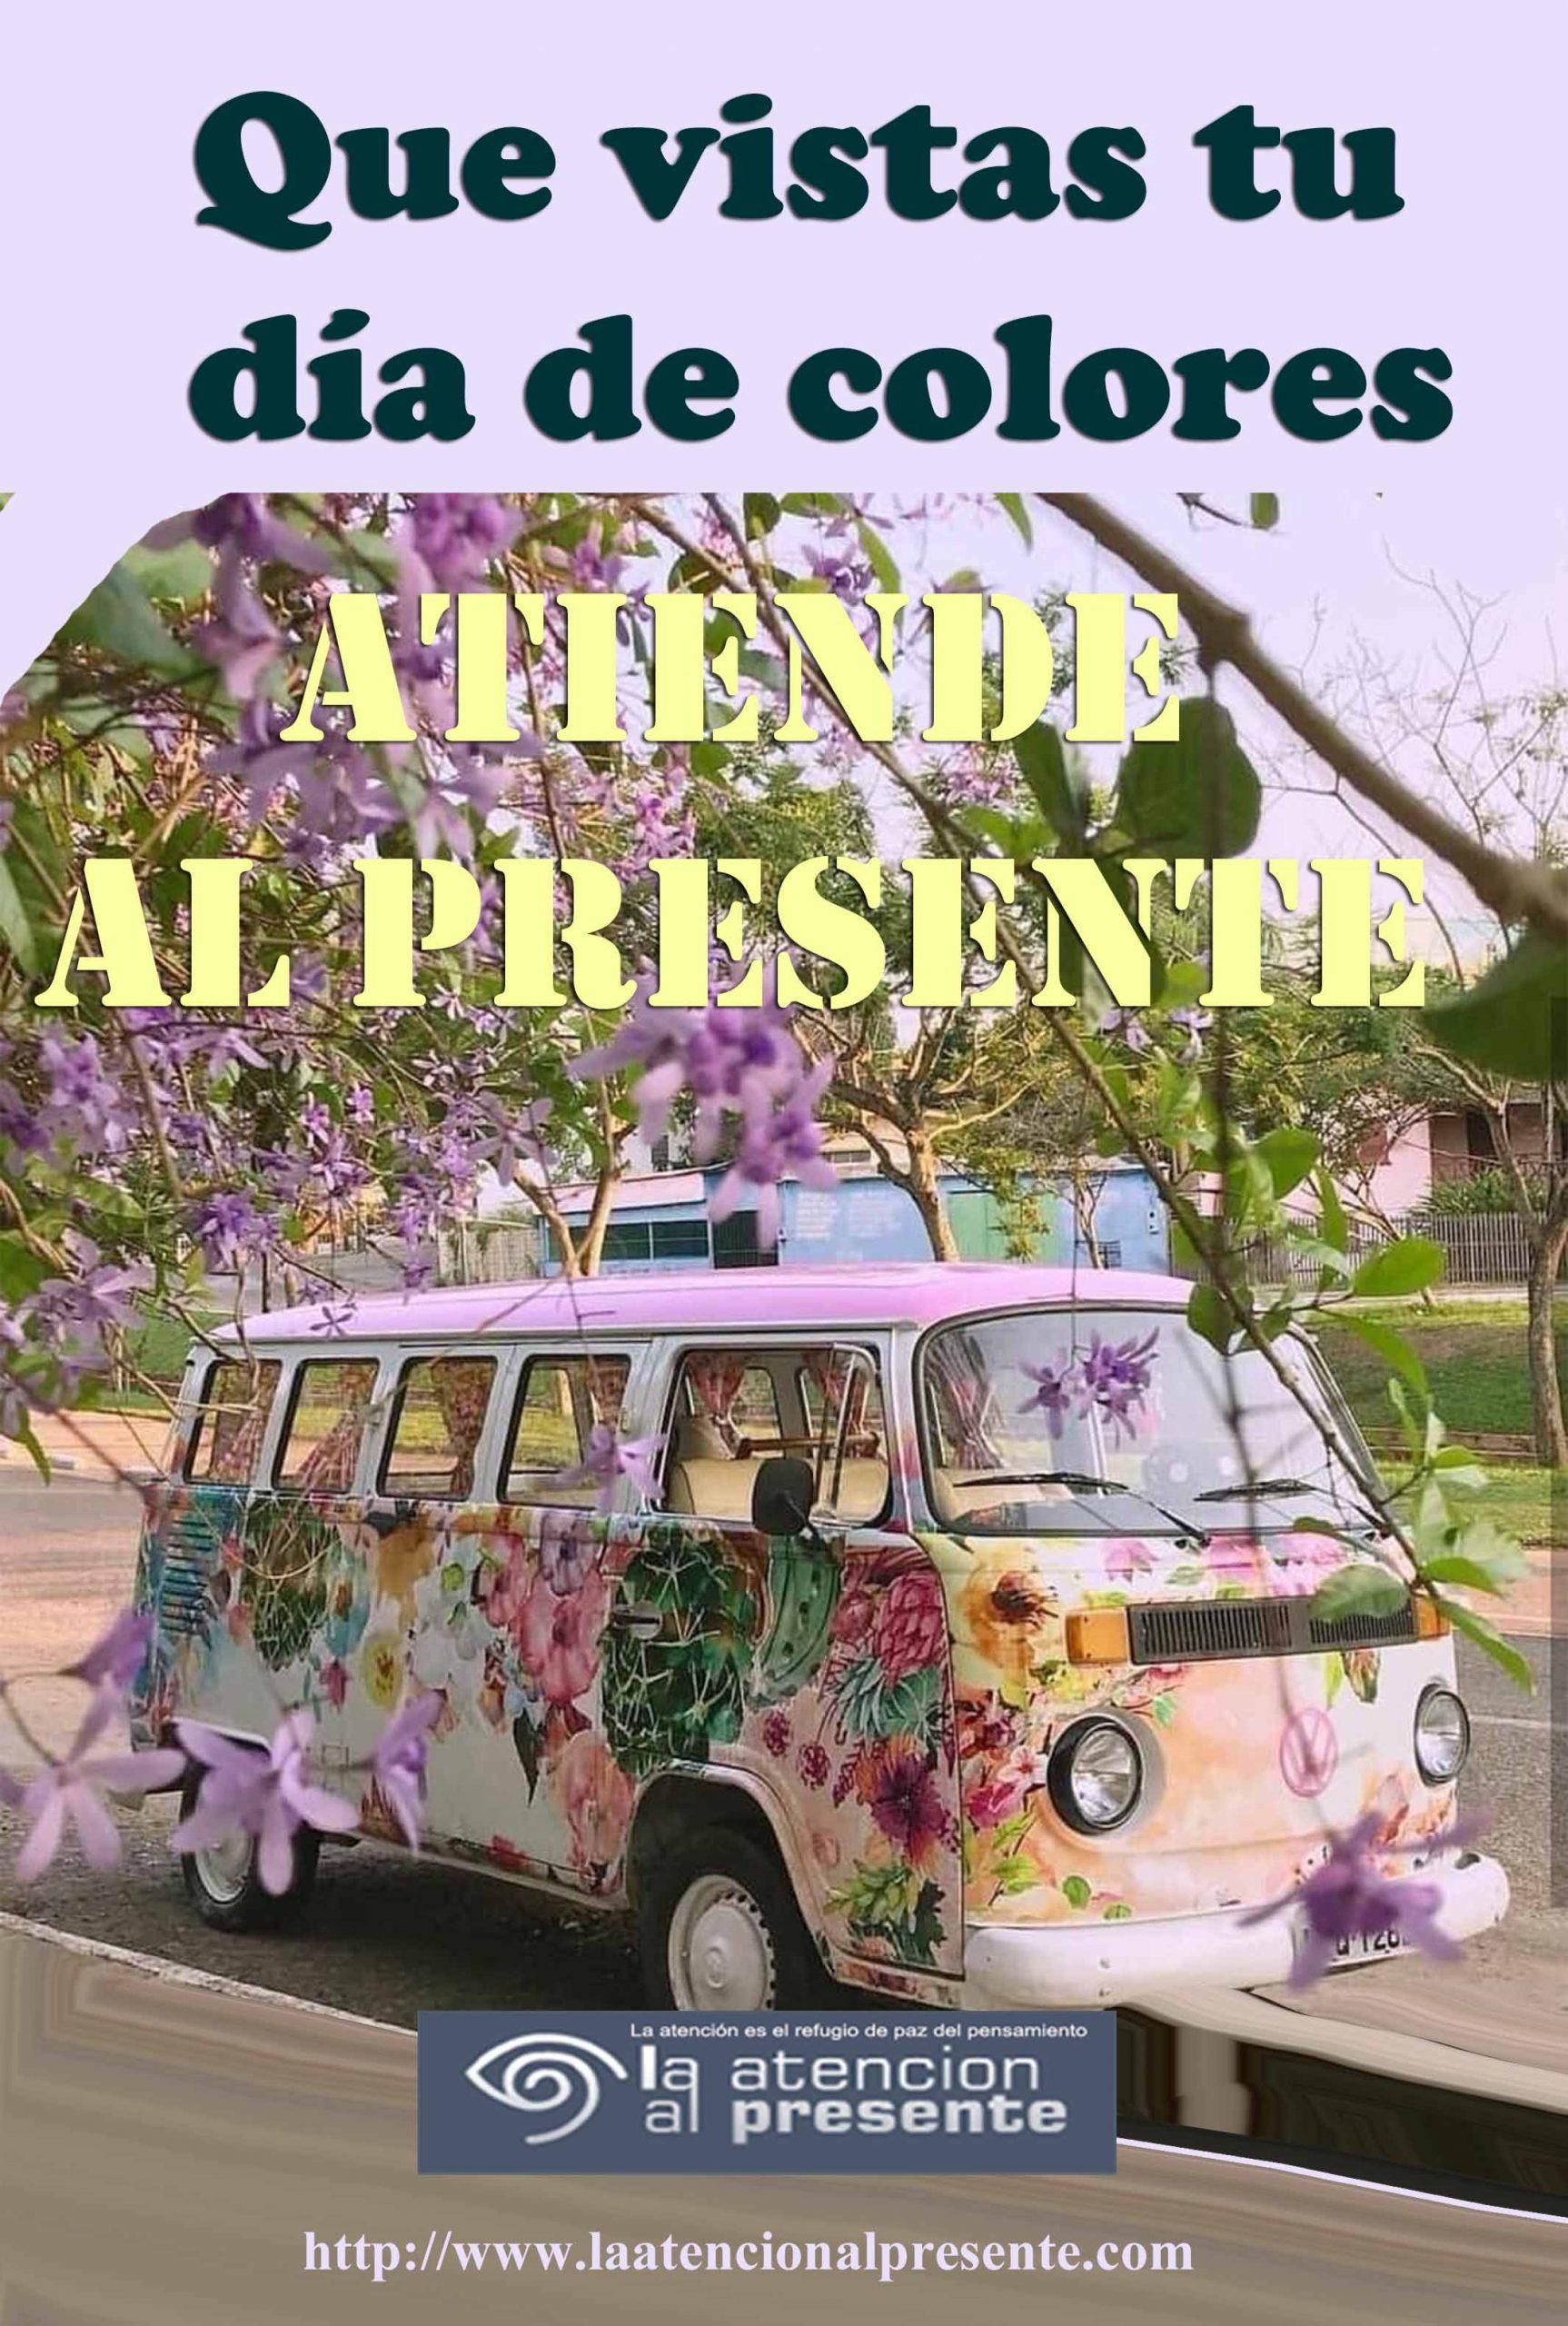 3 de enero Esteban Que vistas tu dia de colores min scaled